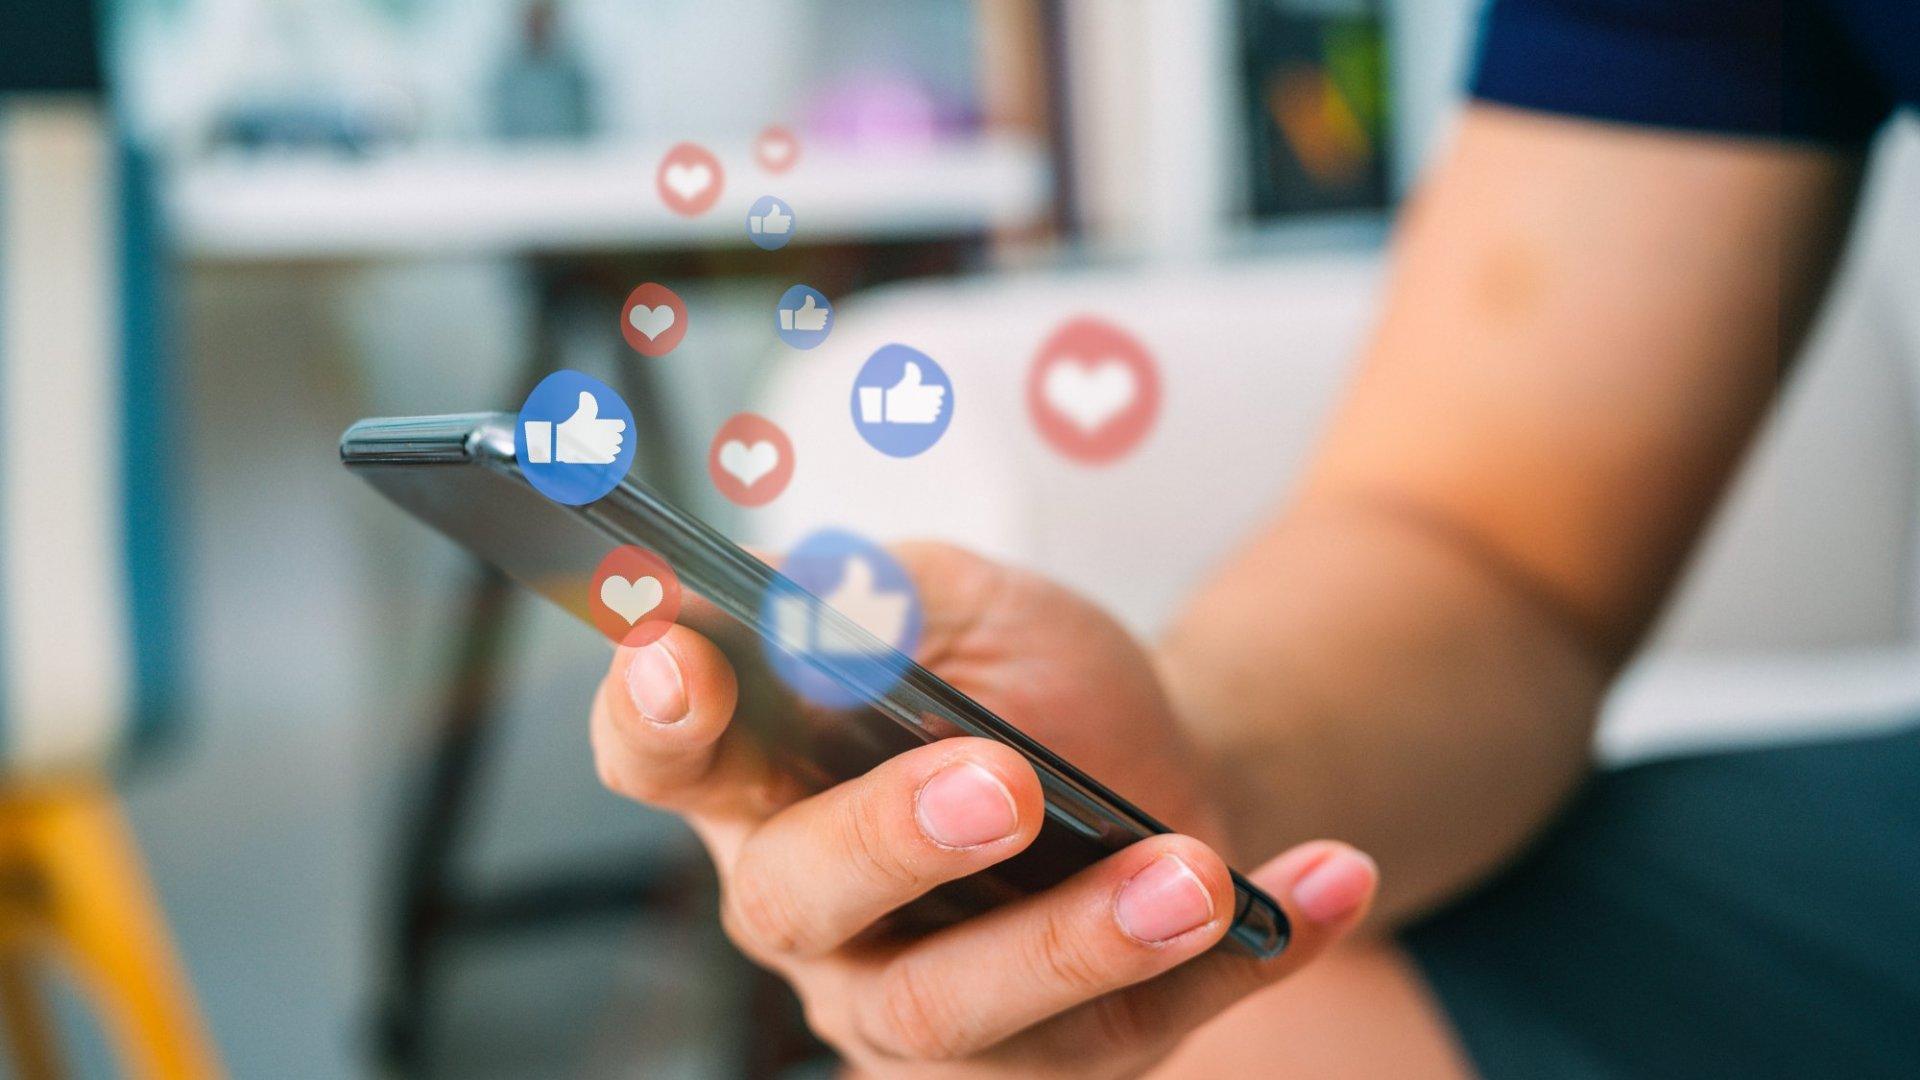 """""""A pandemia levou milhões de pessoas a aumentar sua interação com marcas online, e muitos continuarão a fazê-lo por muito tempo mesmo no pós-pandemia"""